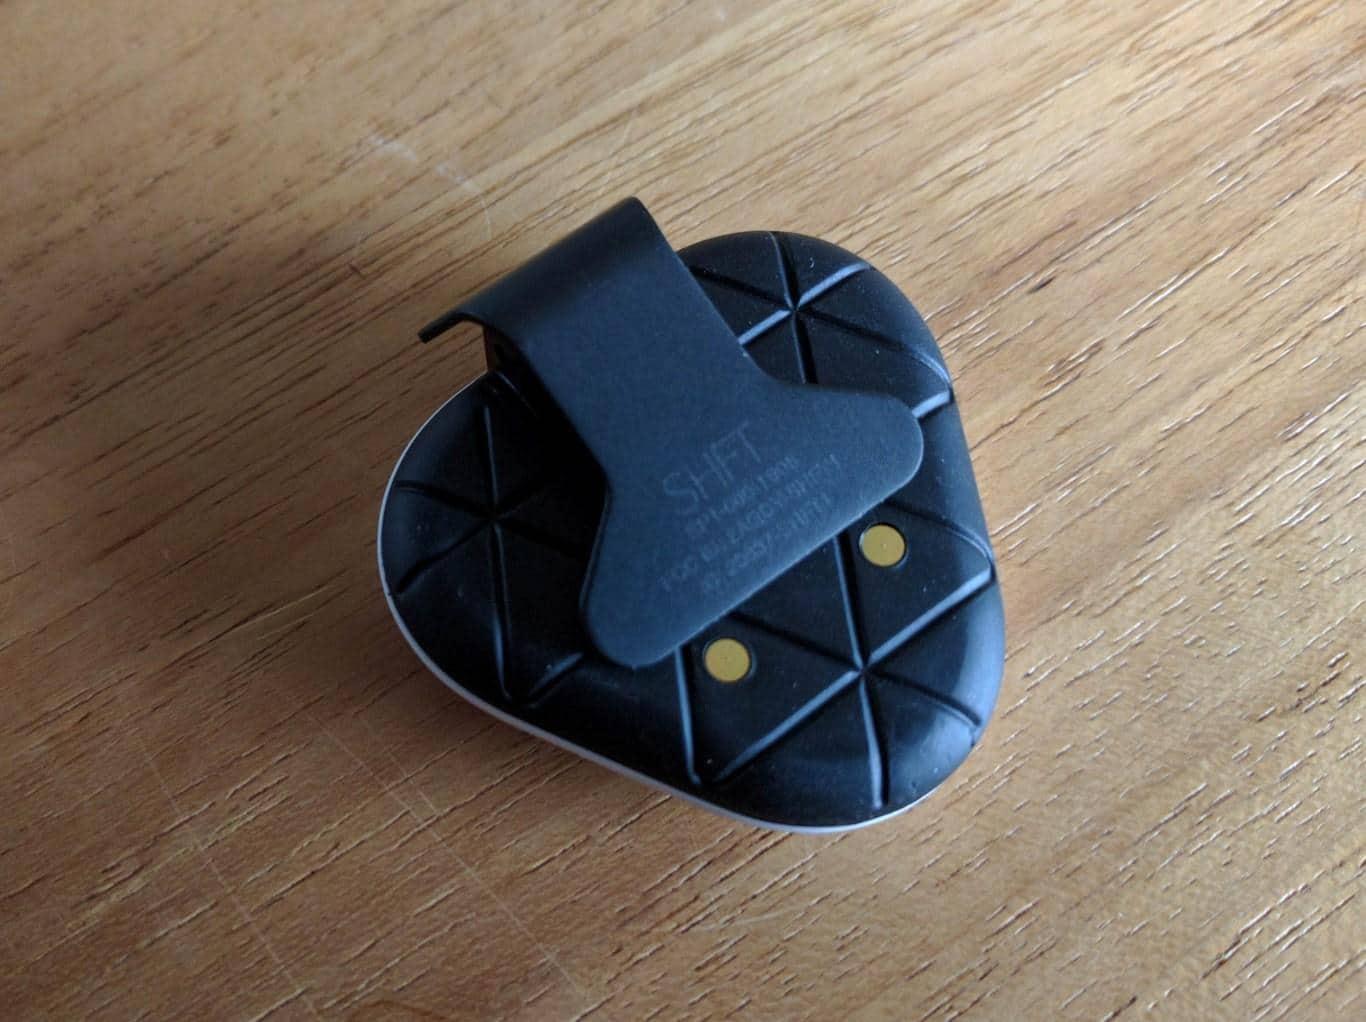 SHFT Pod (Rückseite)